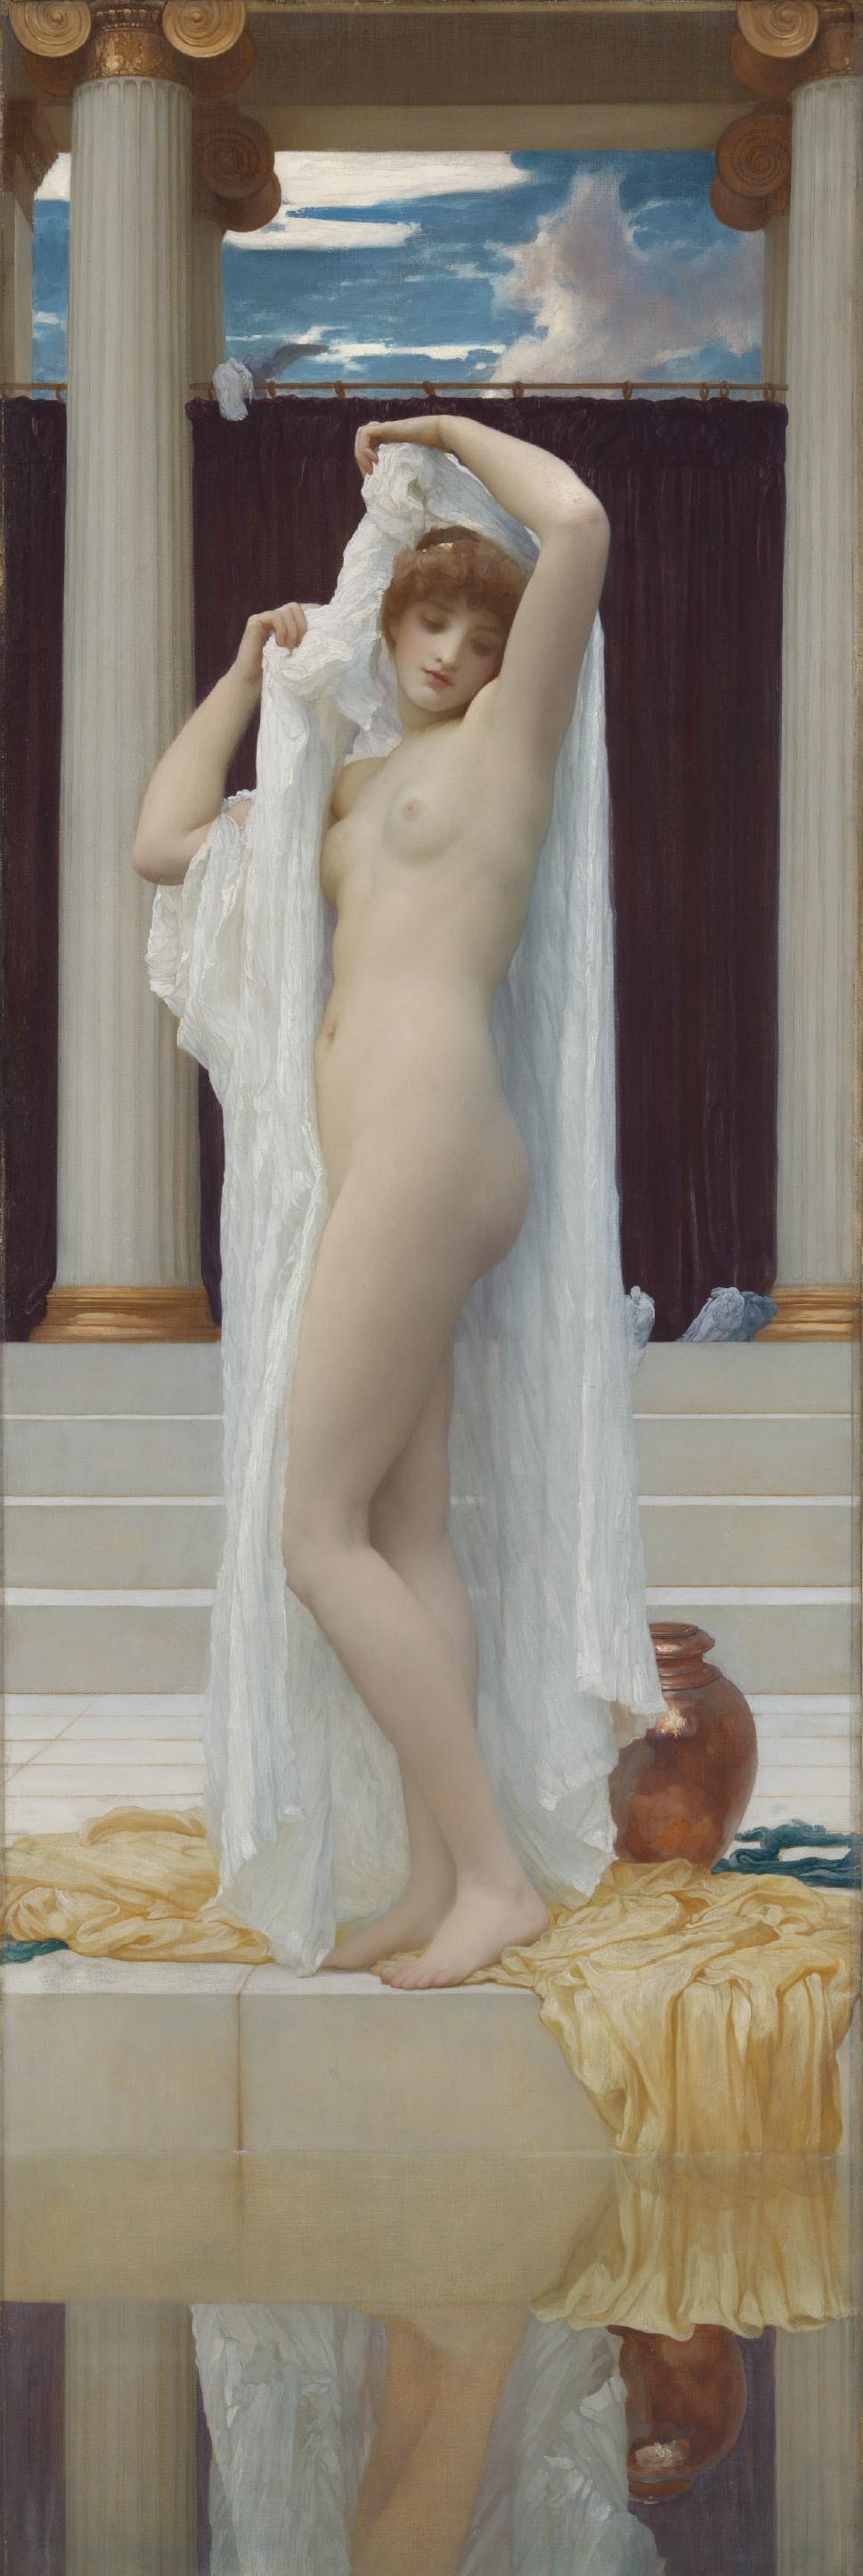 フレデリック・ロード・レイトン 《プシュケの水浴》 1890年発表 油彩/カンヴァス 189.2 × 62.2cm Tate: Presented by the Trustees of the Chantrey Bequest 1890, image © Tate, London 2017